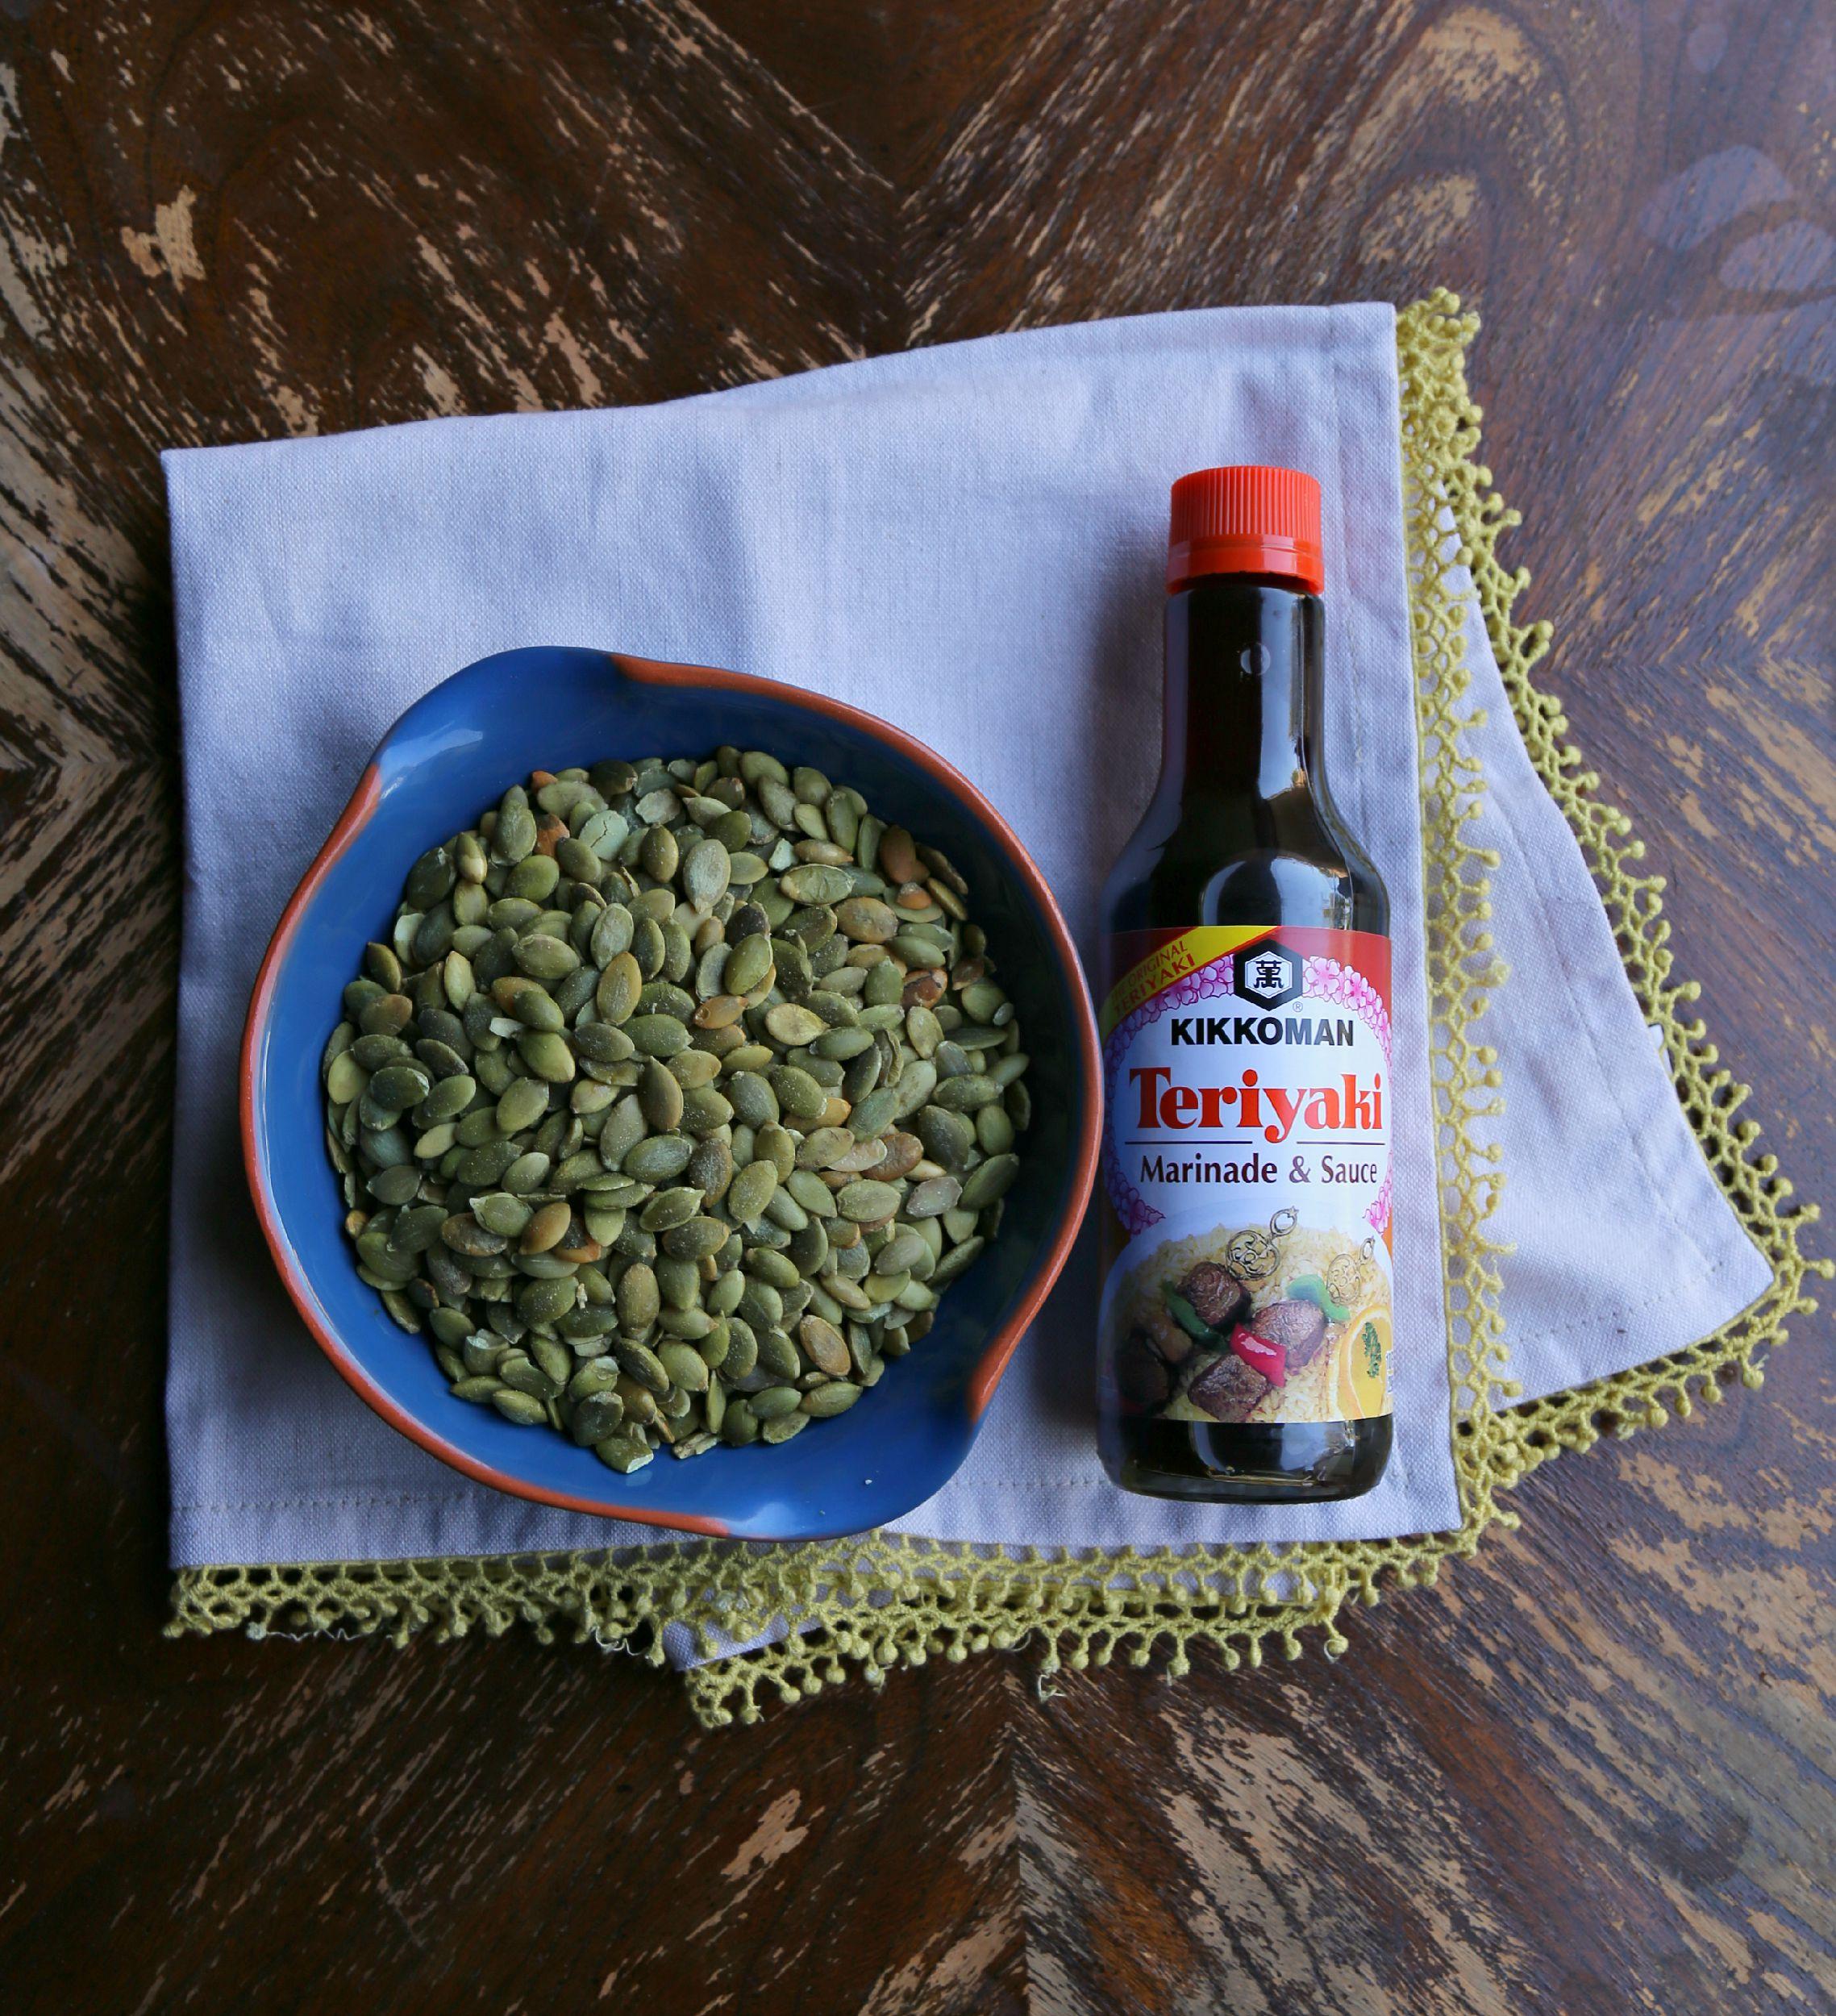 easy-kikkoman-marinade-vianneyrodriguez-sweetlifebake